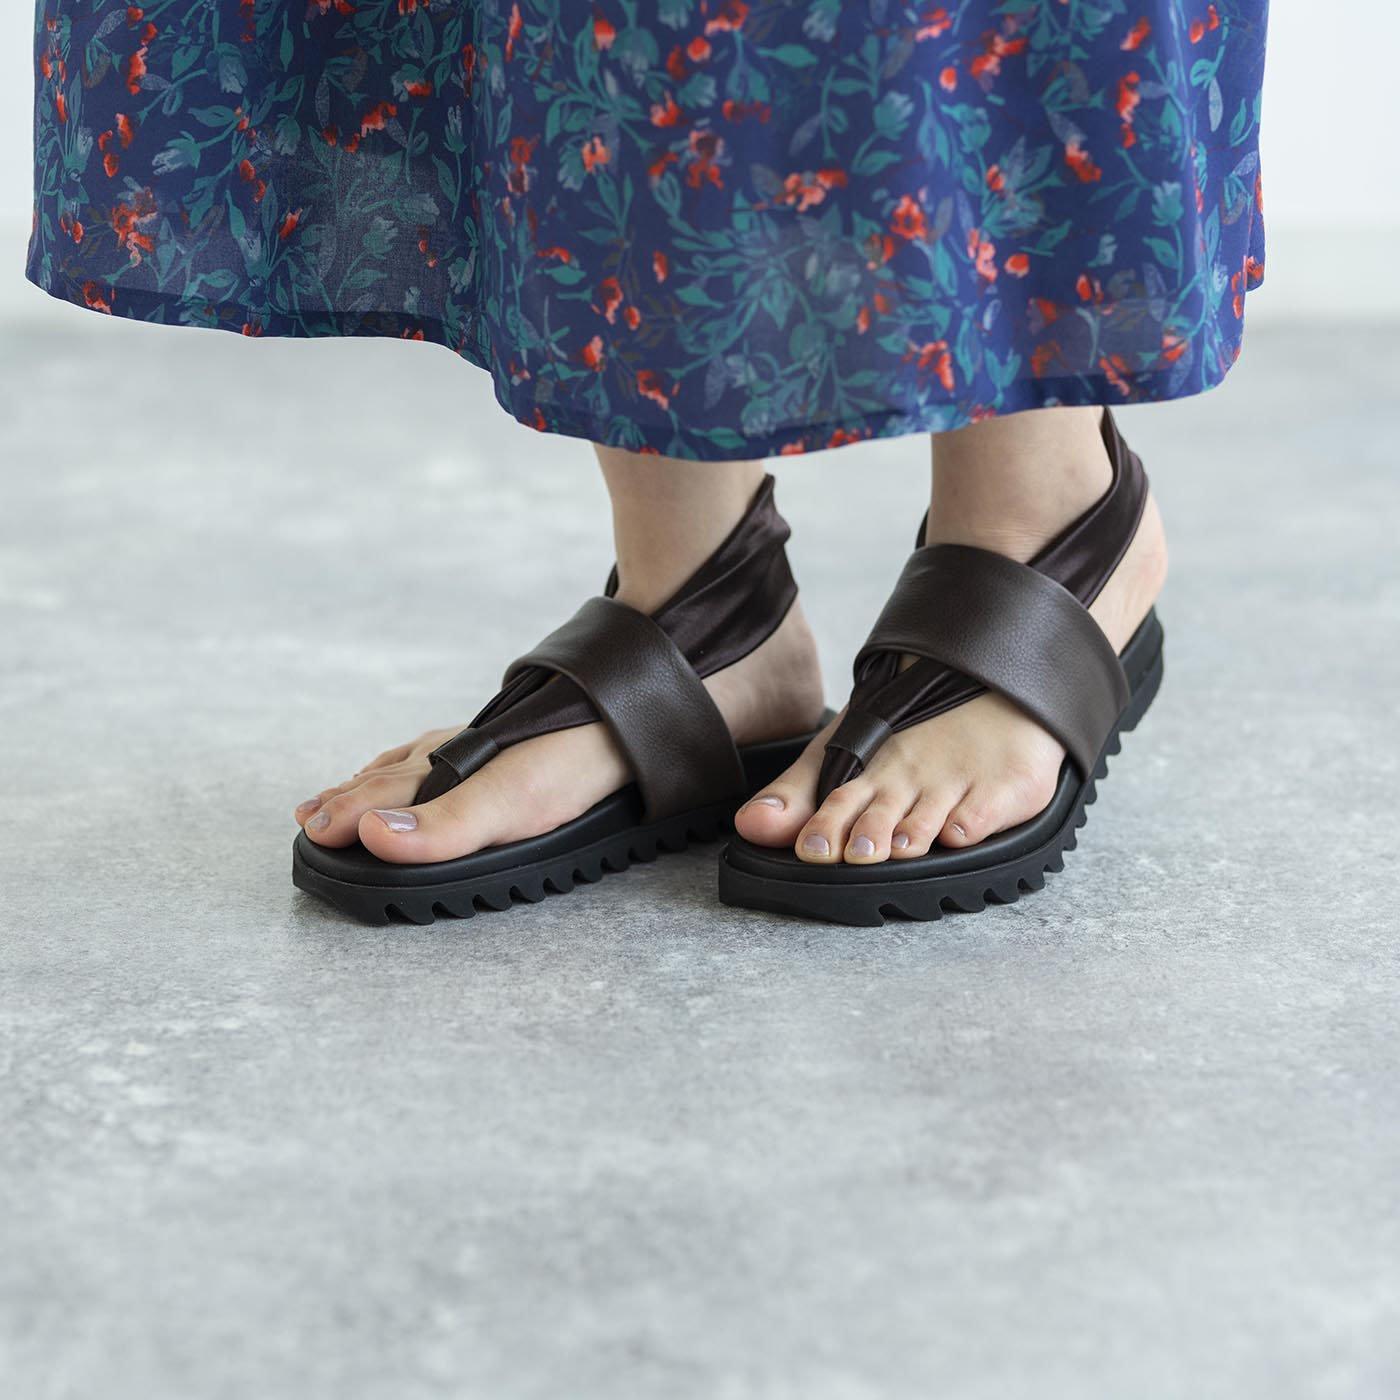 靴デザイナーの理想で仕上げた 職人本革のトングシューズ〈ブラウン〉[サンダル:日本製]